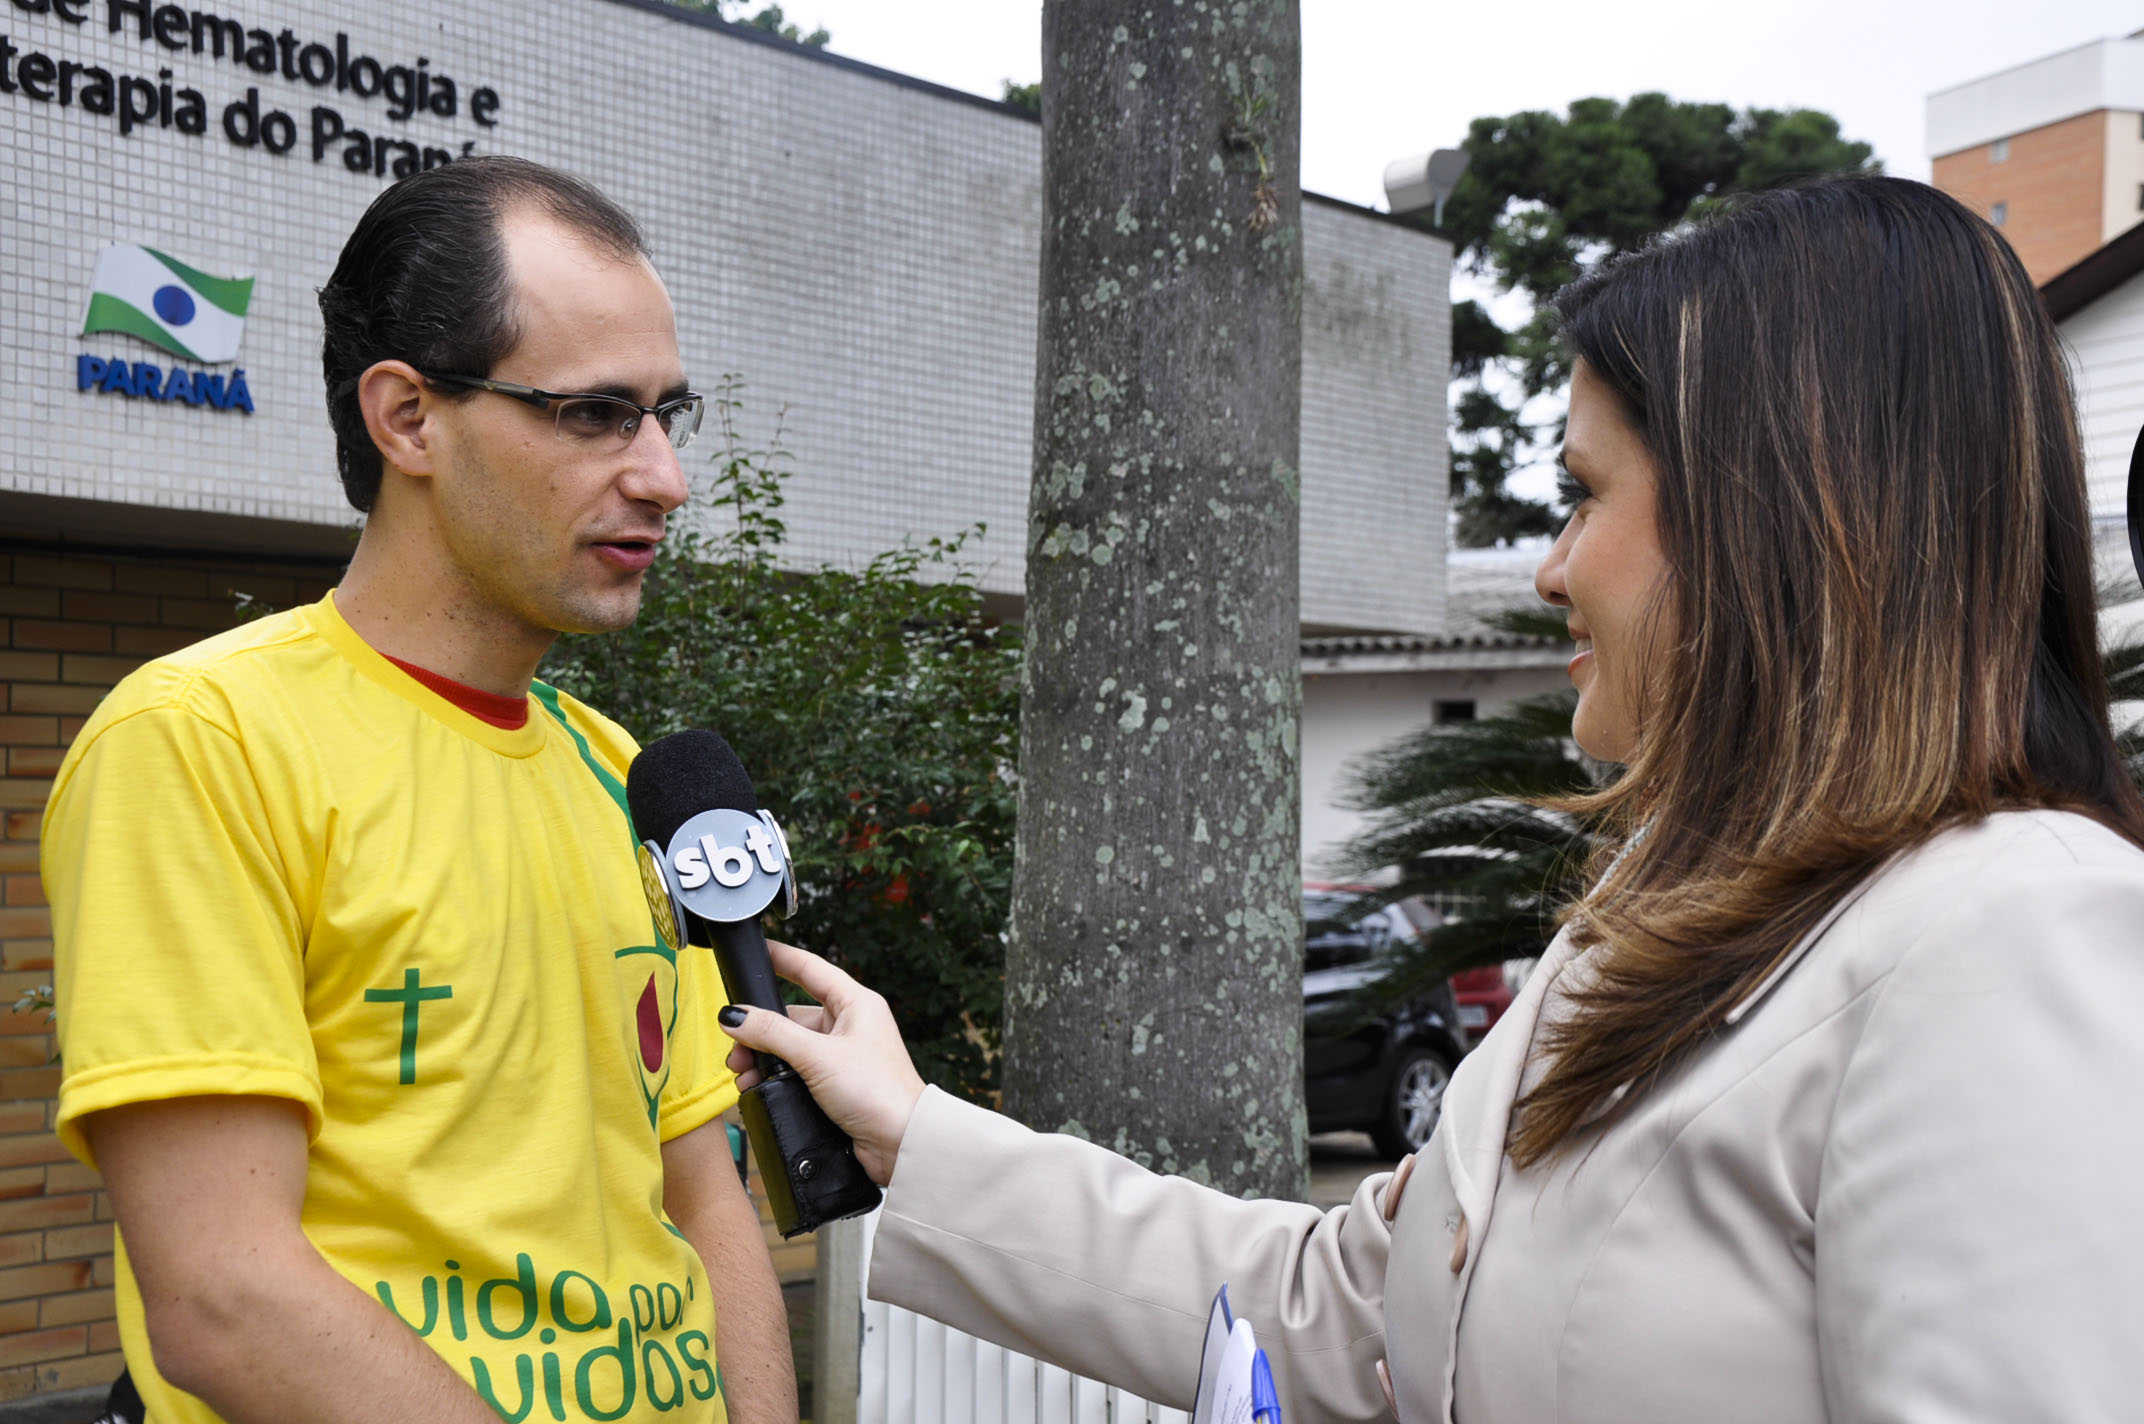 O portal da Globo, G1, também divulgou o projeto.